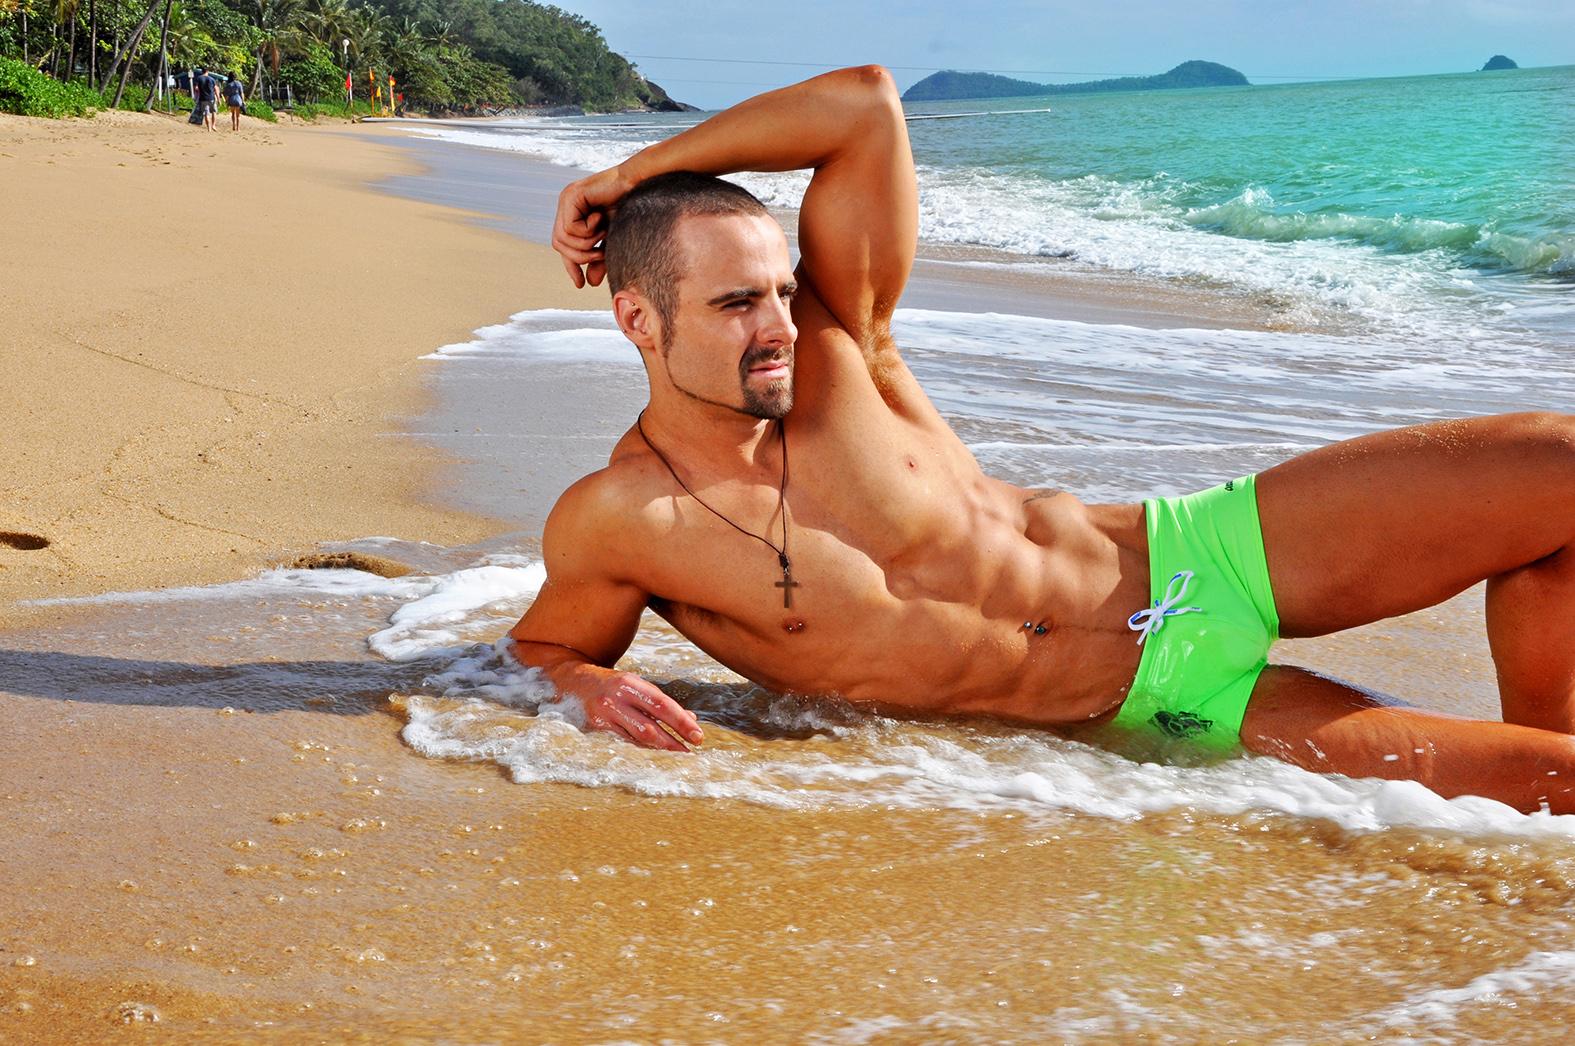 стоял, фотоподборка красивых парней на пляже групповой три